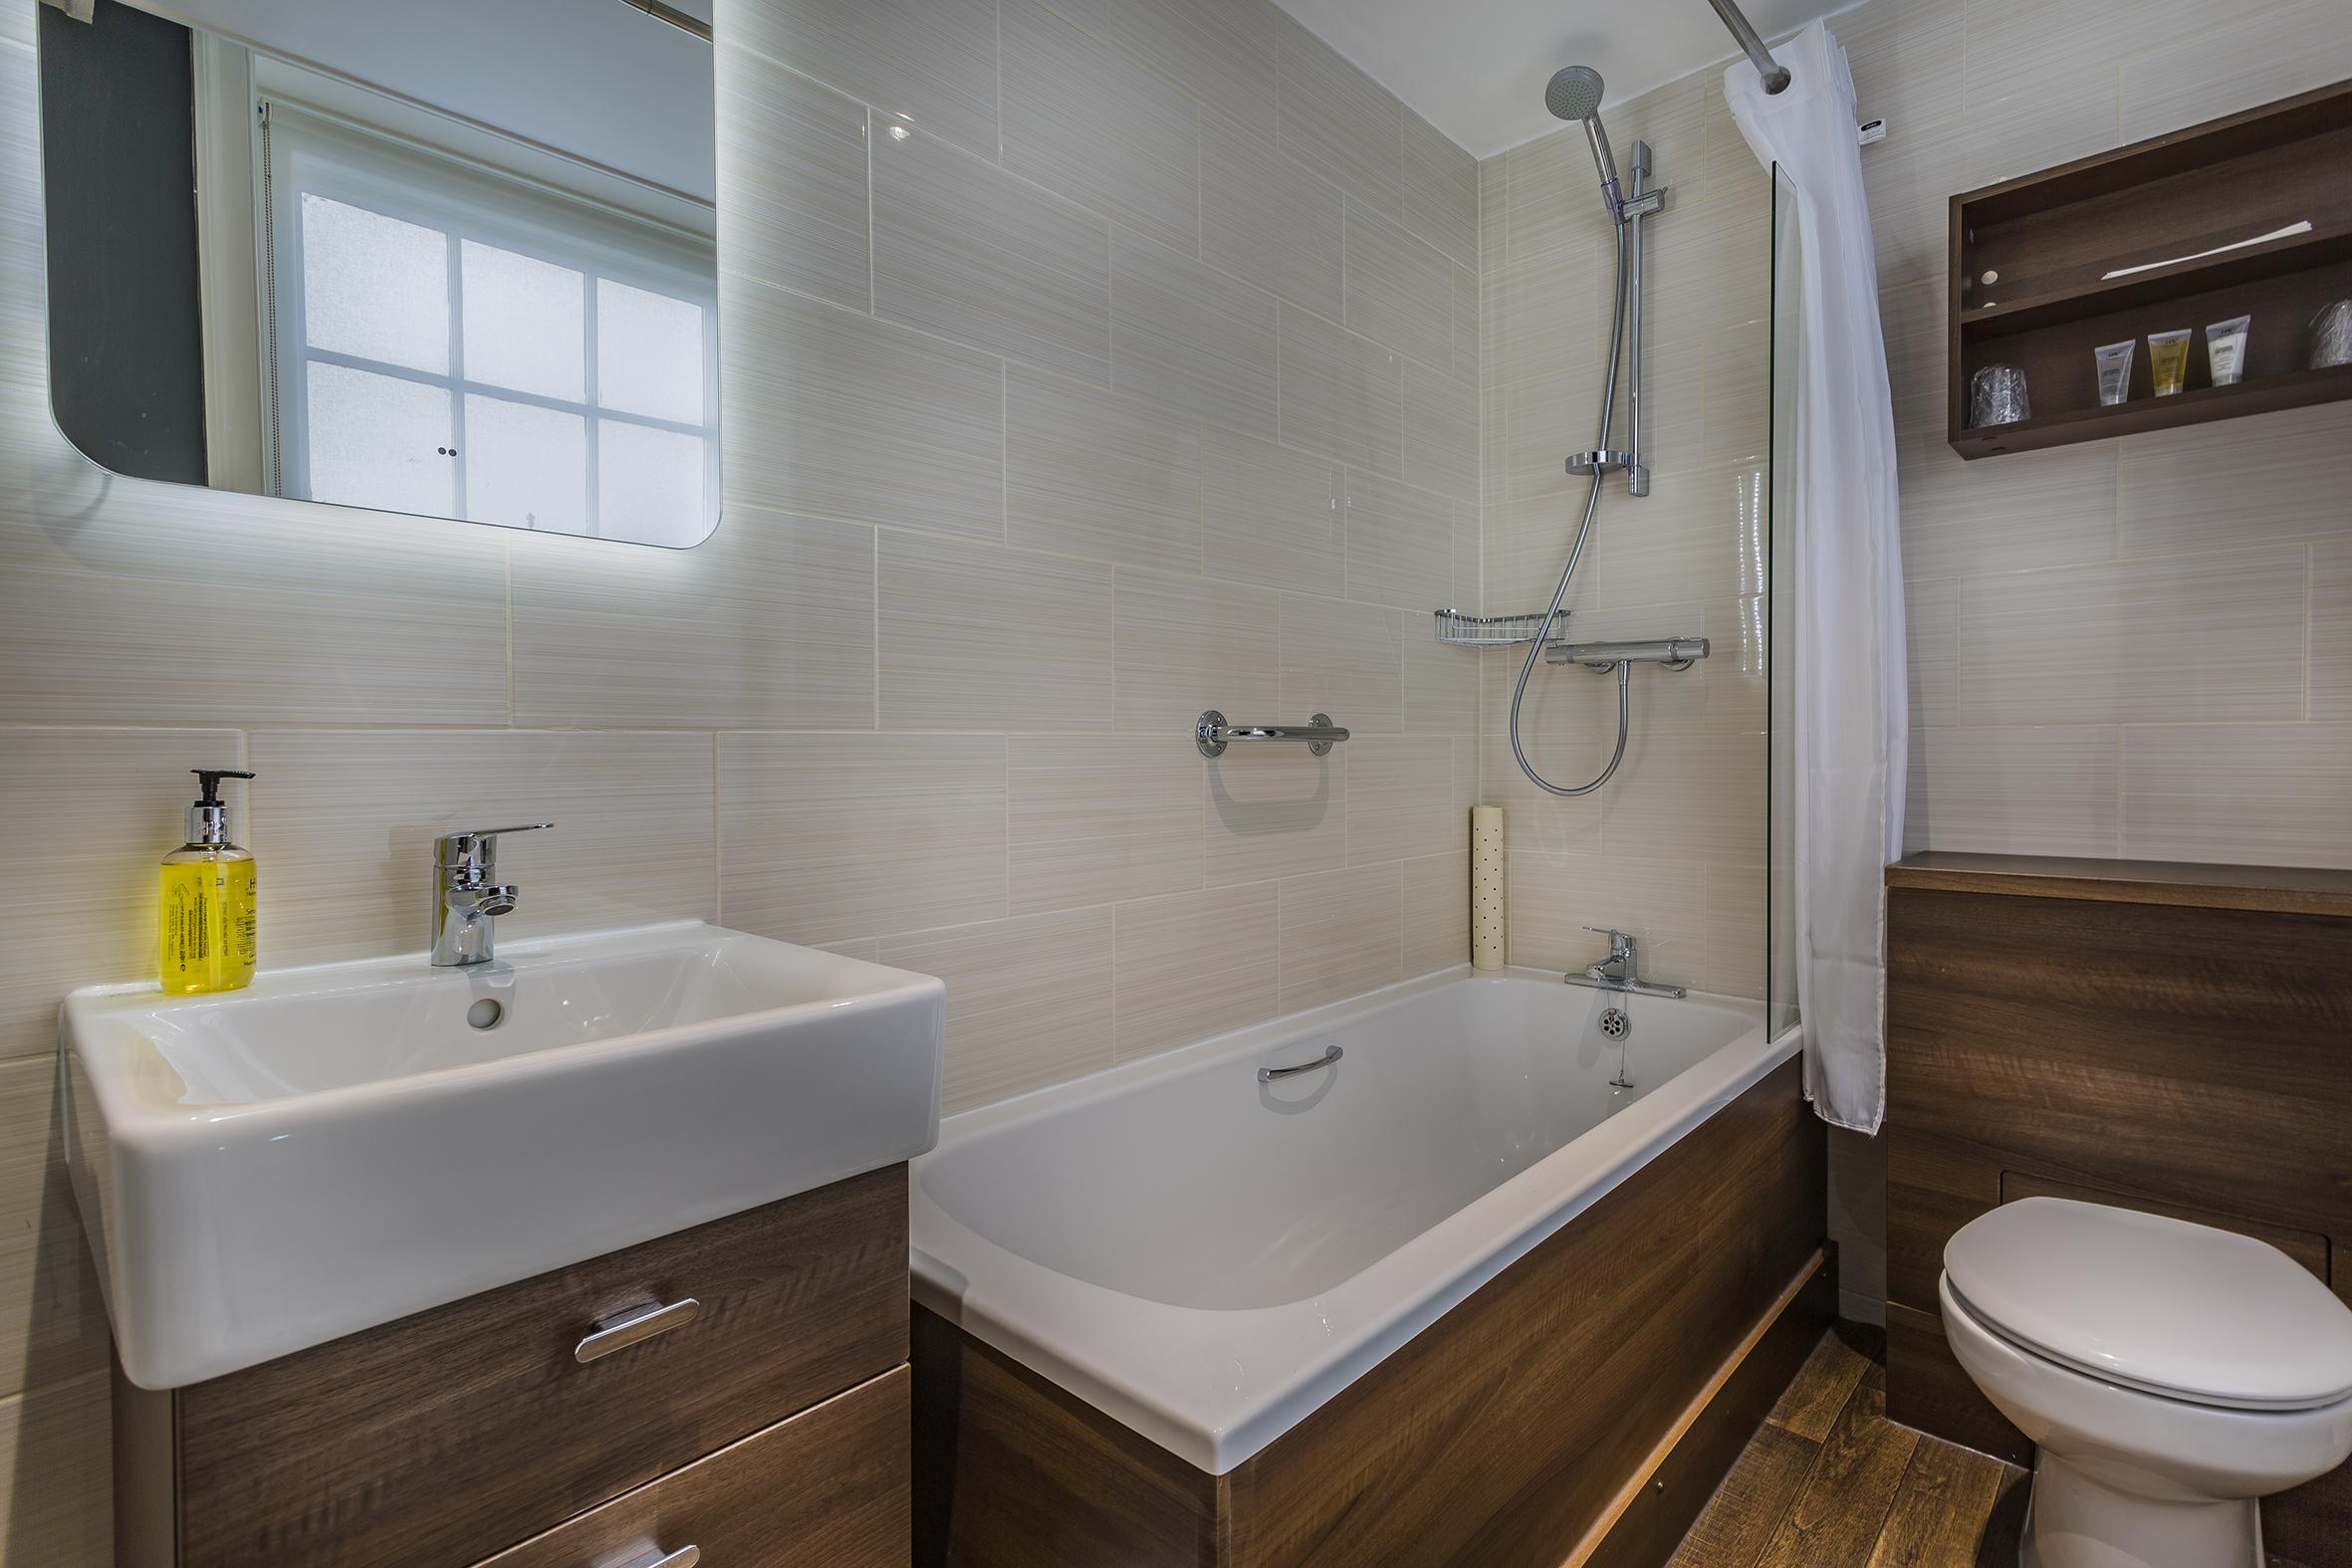 Golden Fleece Classic Double Bathroom Alternate 2.jpg